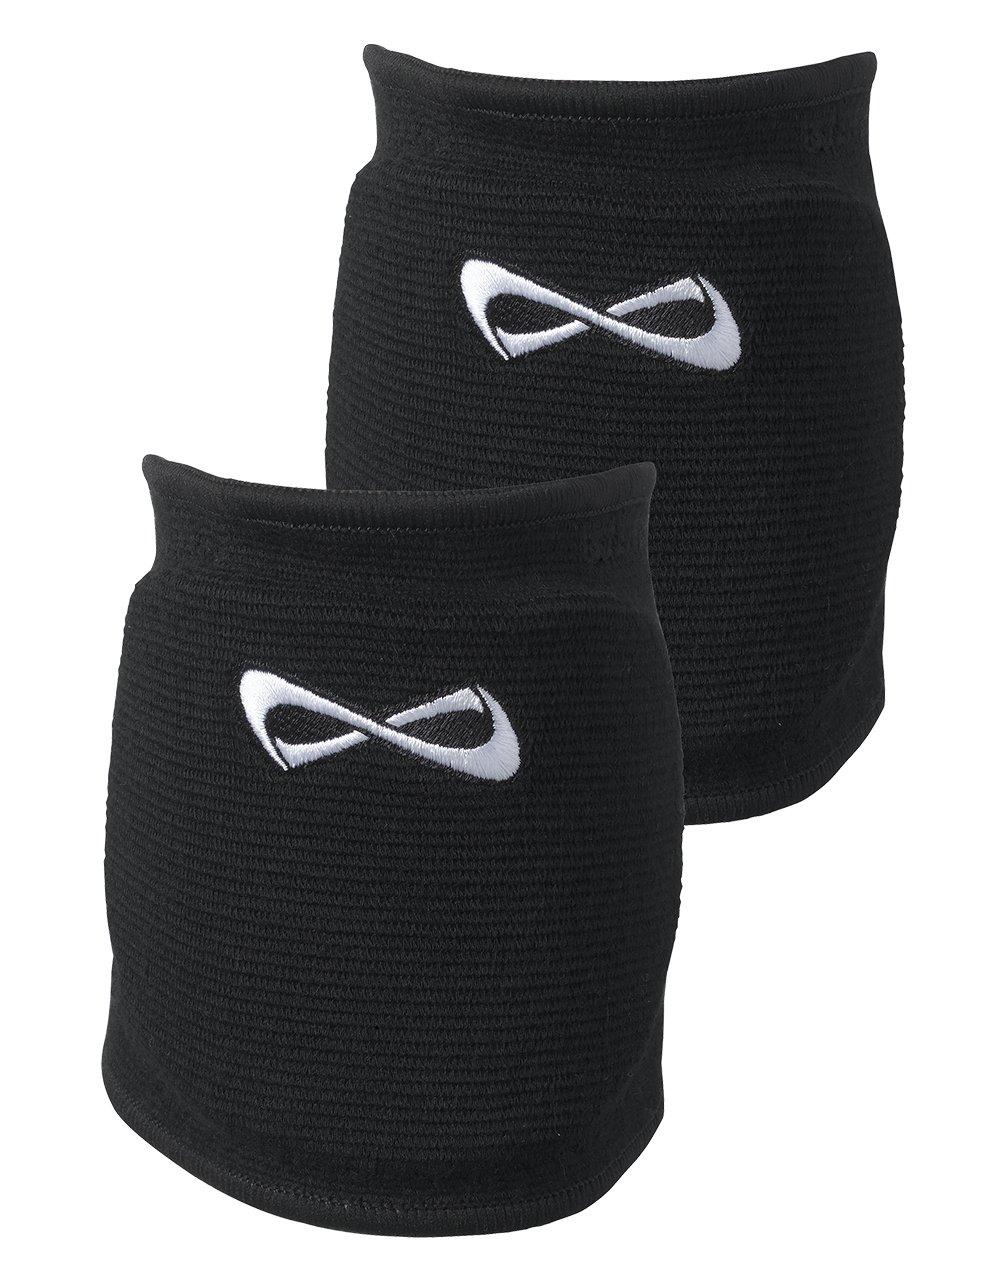 Black KneePad - Single Pack - M